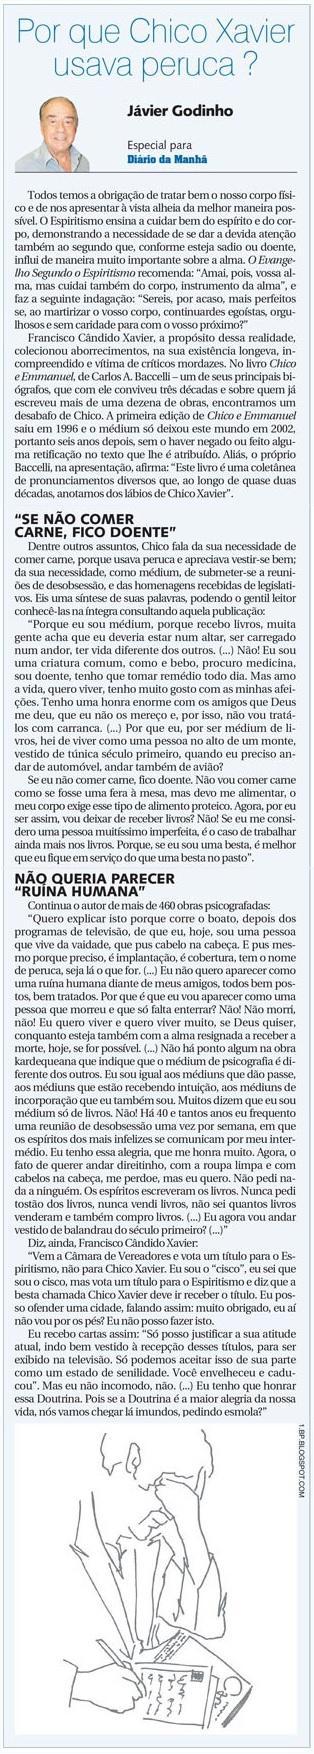 DM 02-07-2014 - Por que Chico usava peruca - Jávier Godinho